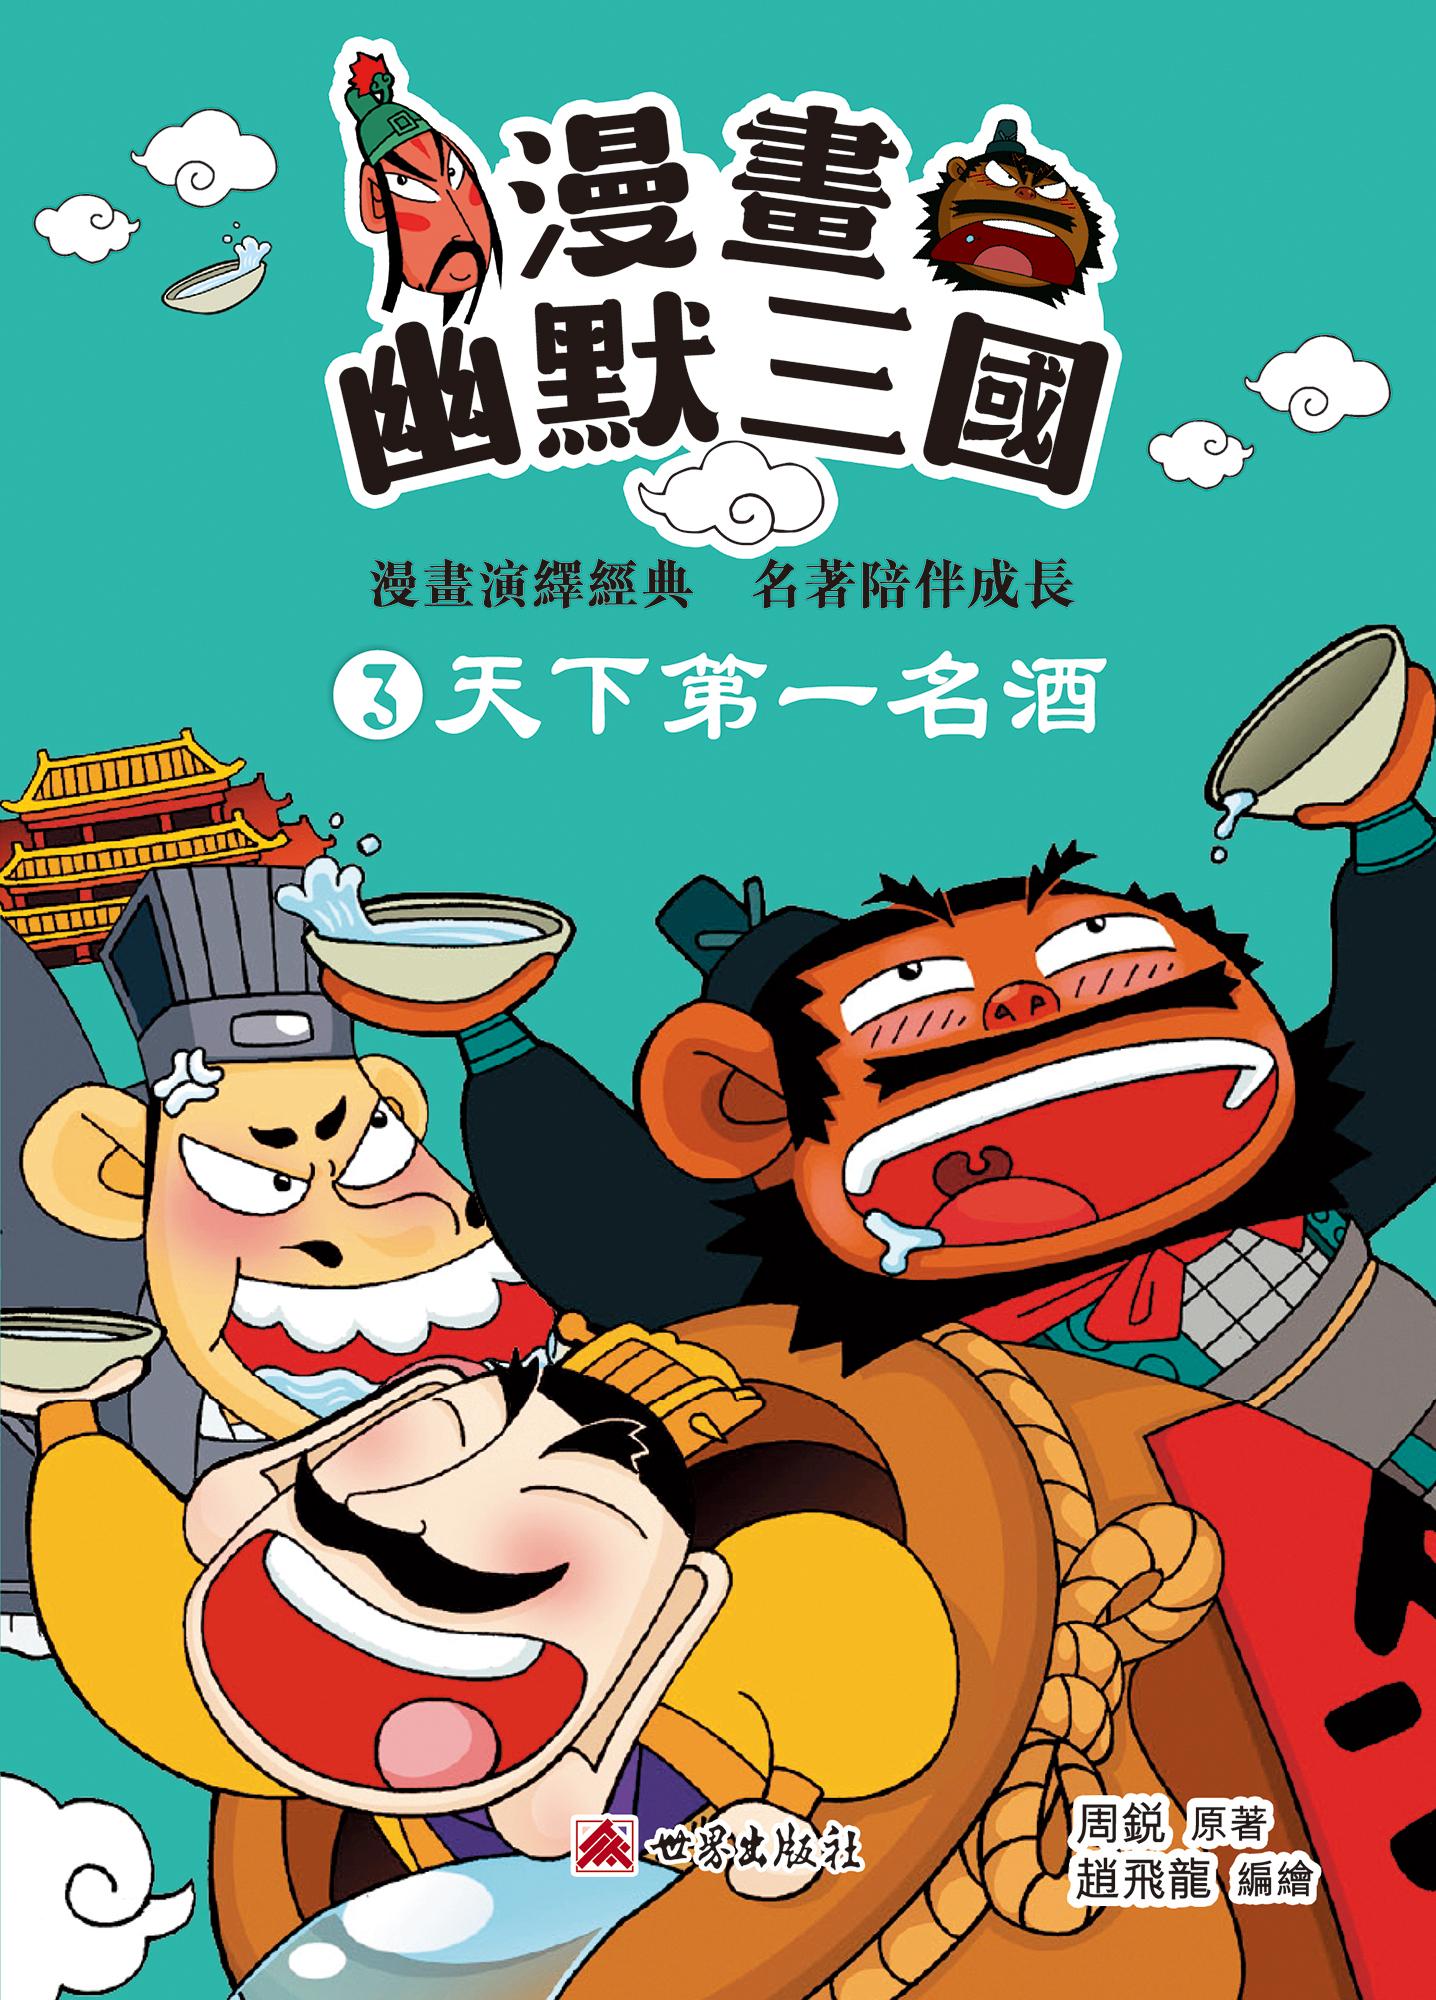 漫畫幽默三國——天下第一名酒